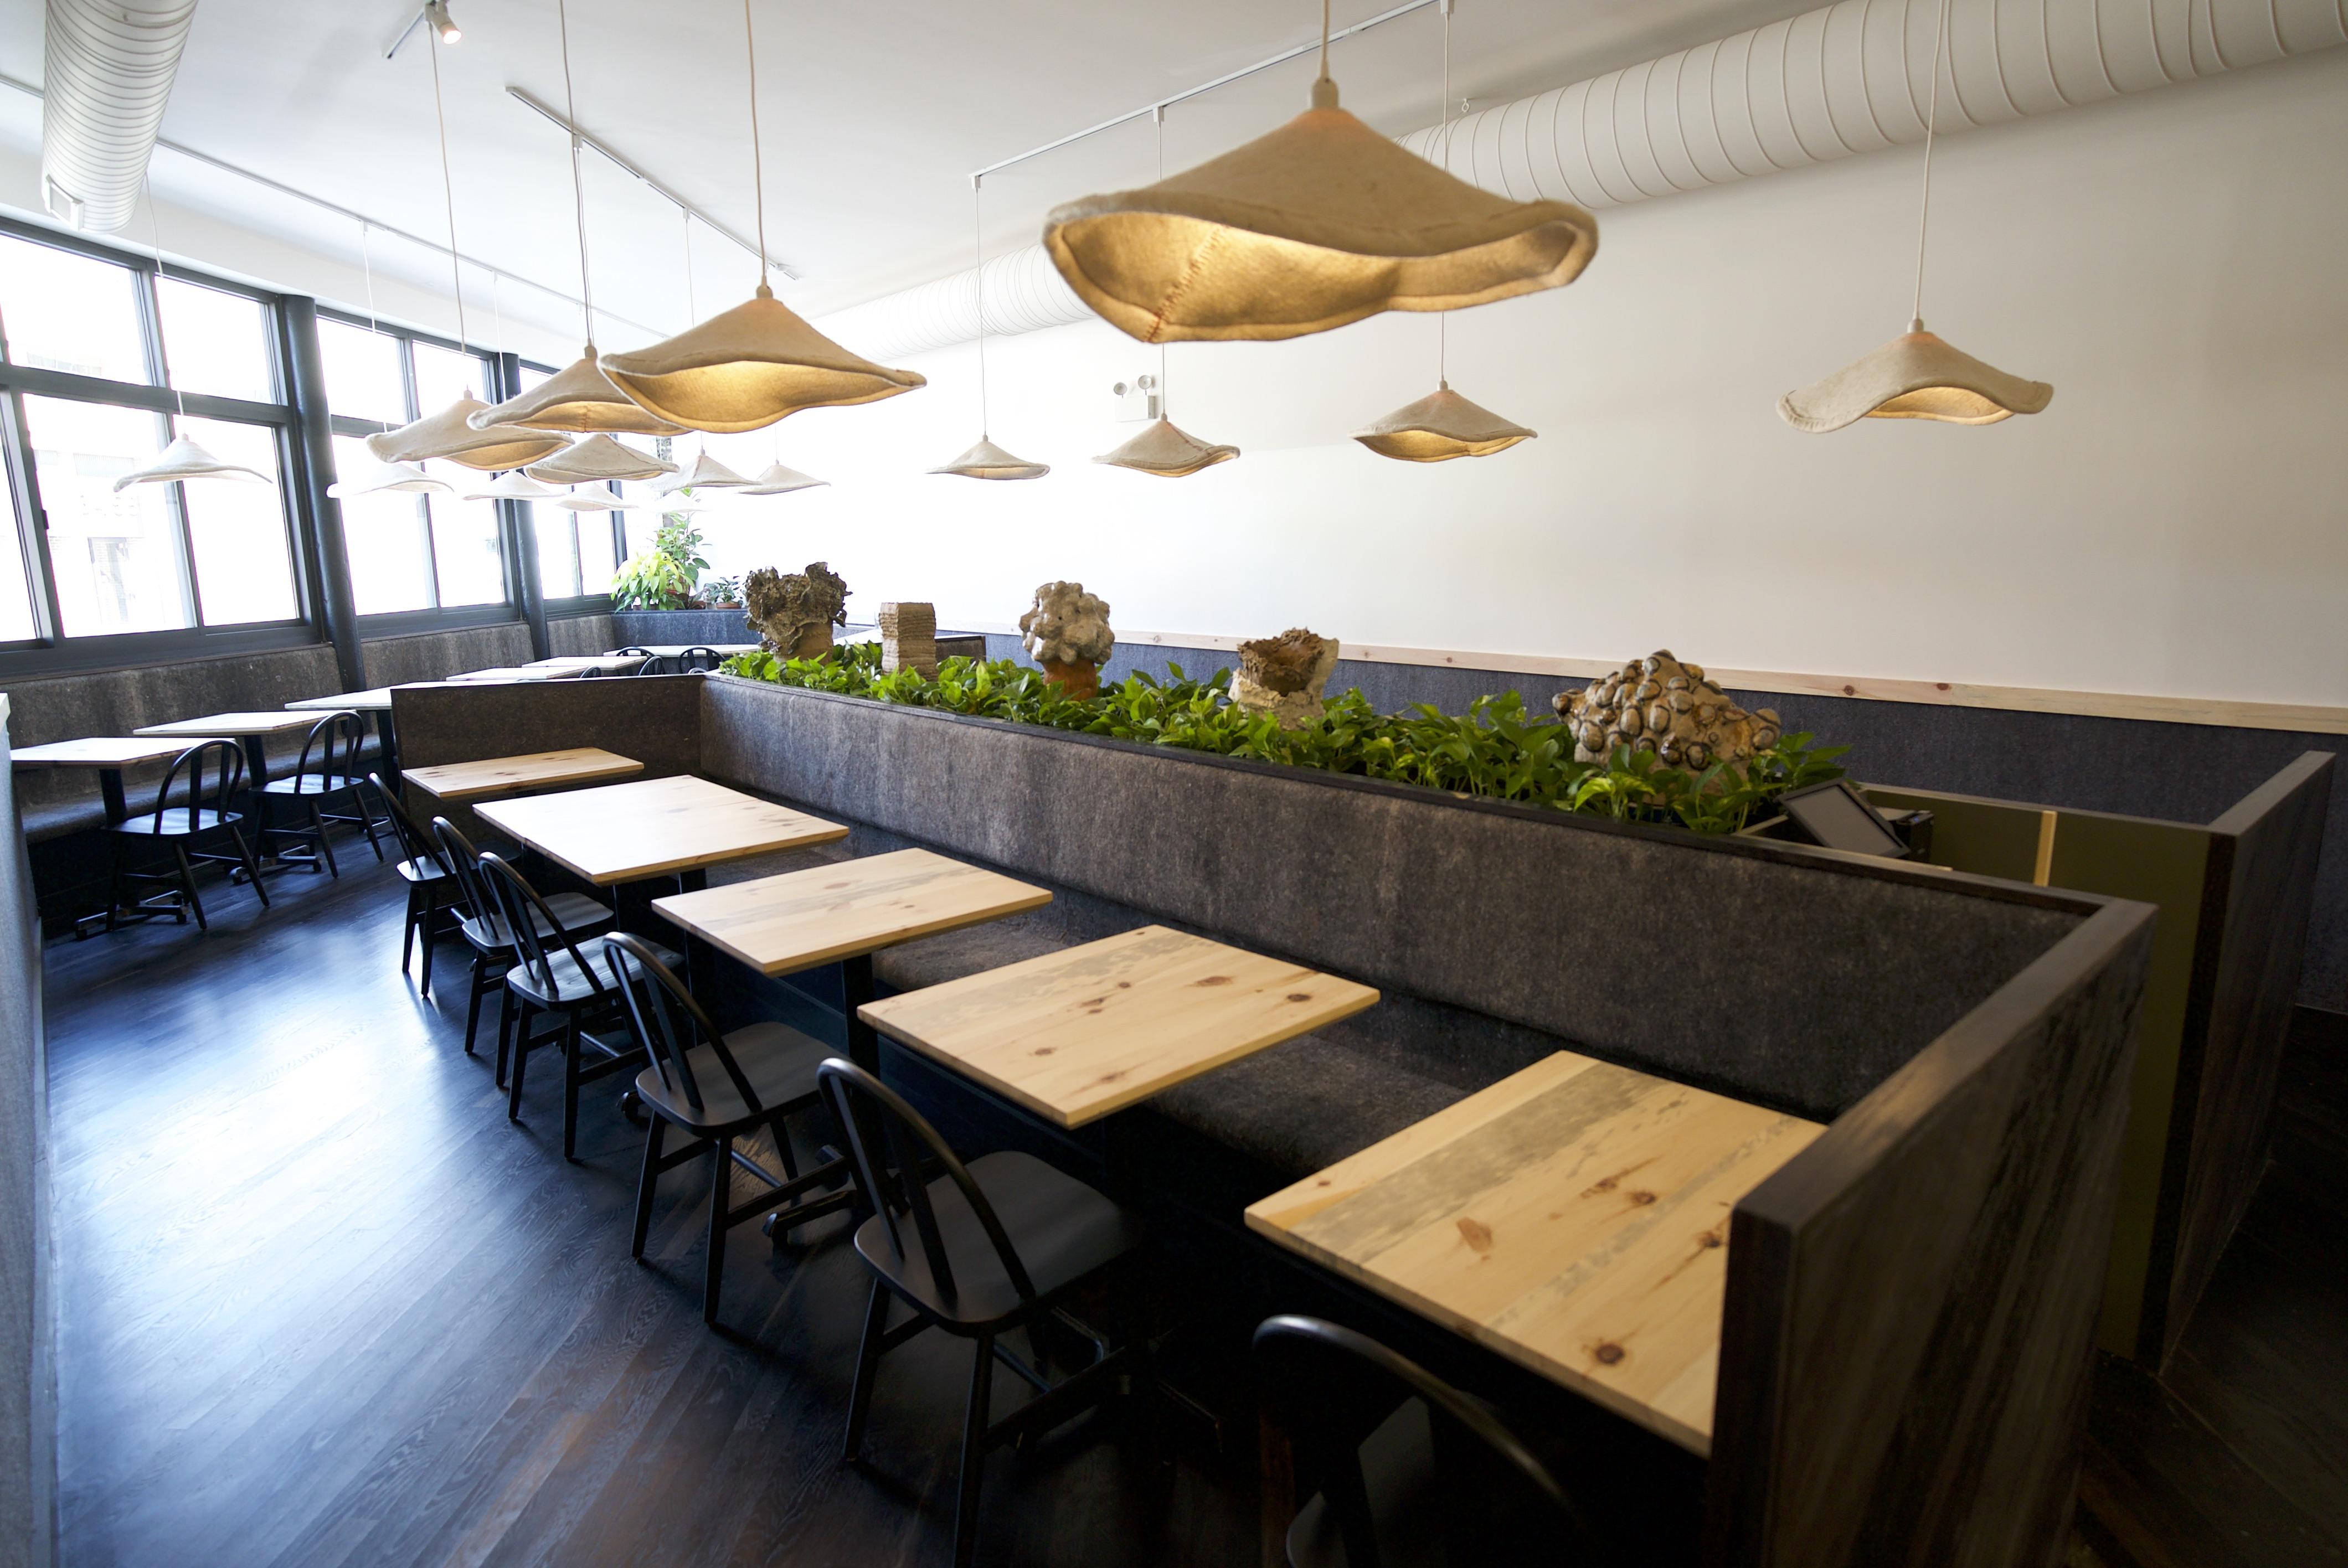 Parachute's Beard Award-Winning Chefs to Open Second Chicago Restaurant Next Week